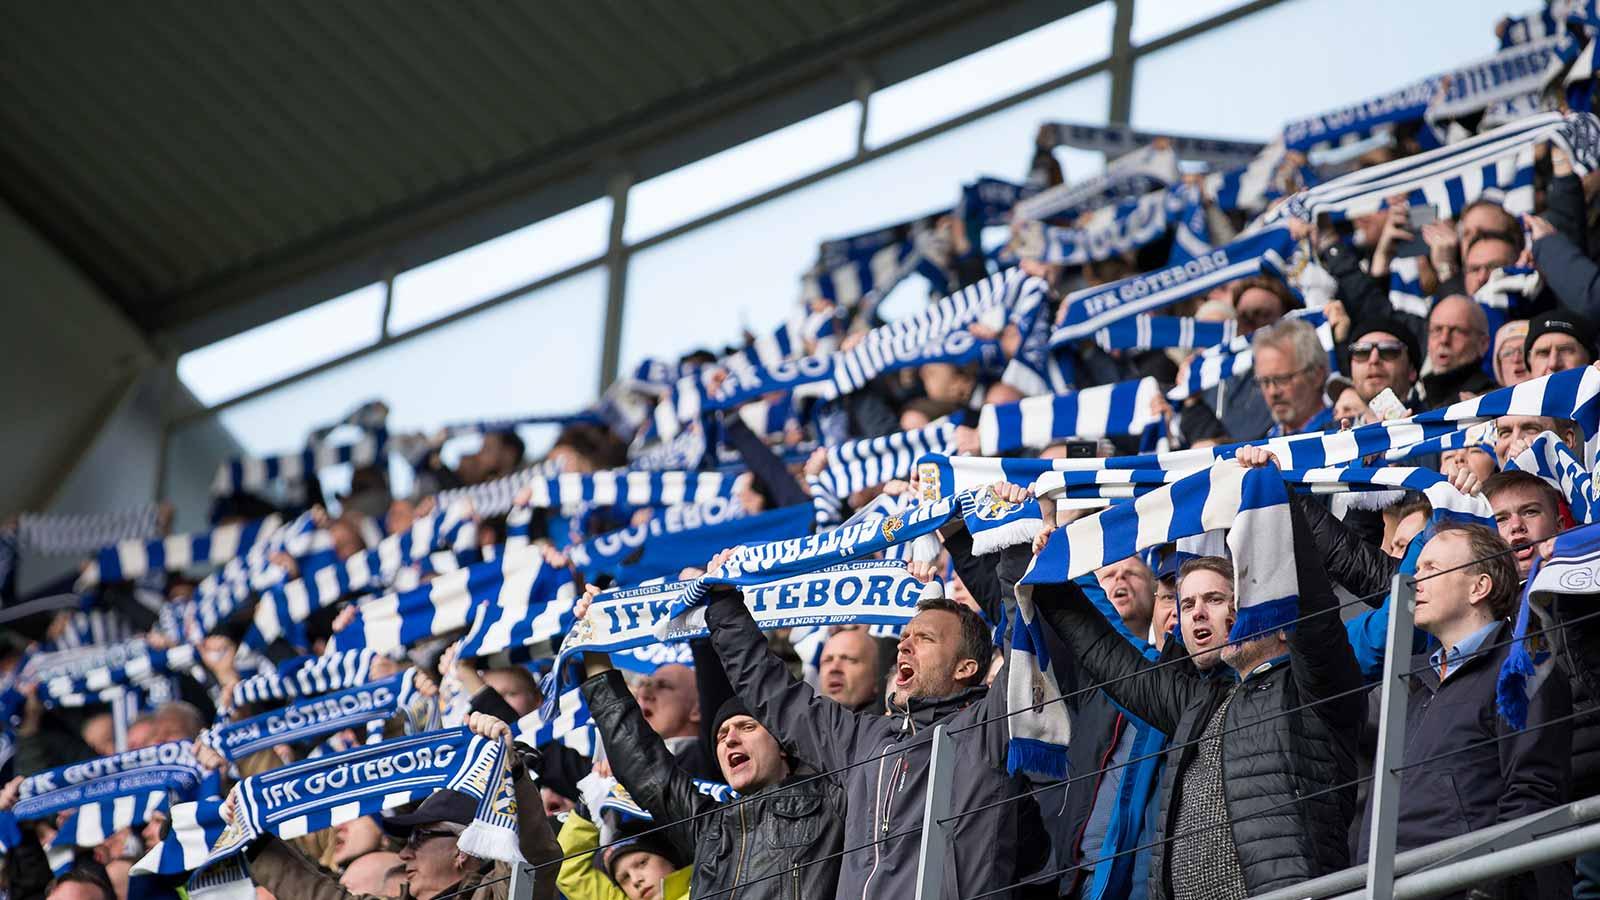 180410 IFK Göteborgs supportrar under fotbollsmatchen i allsvenskan mellan IFK Göteborg och Hammarby den 10 april 2018 i Göteborg.